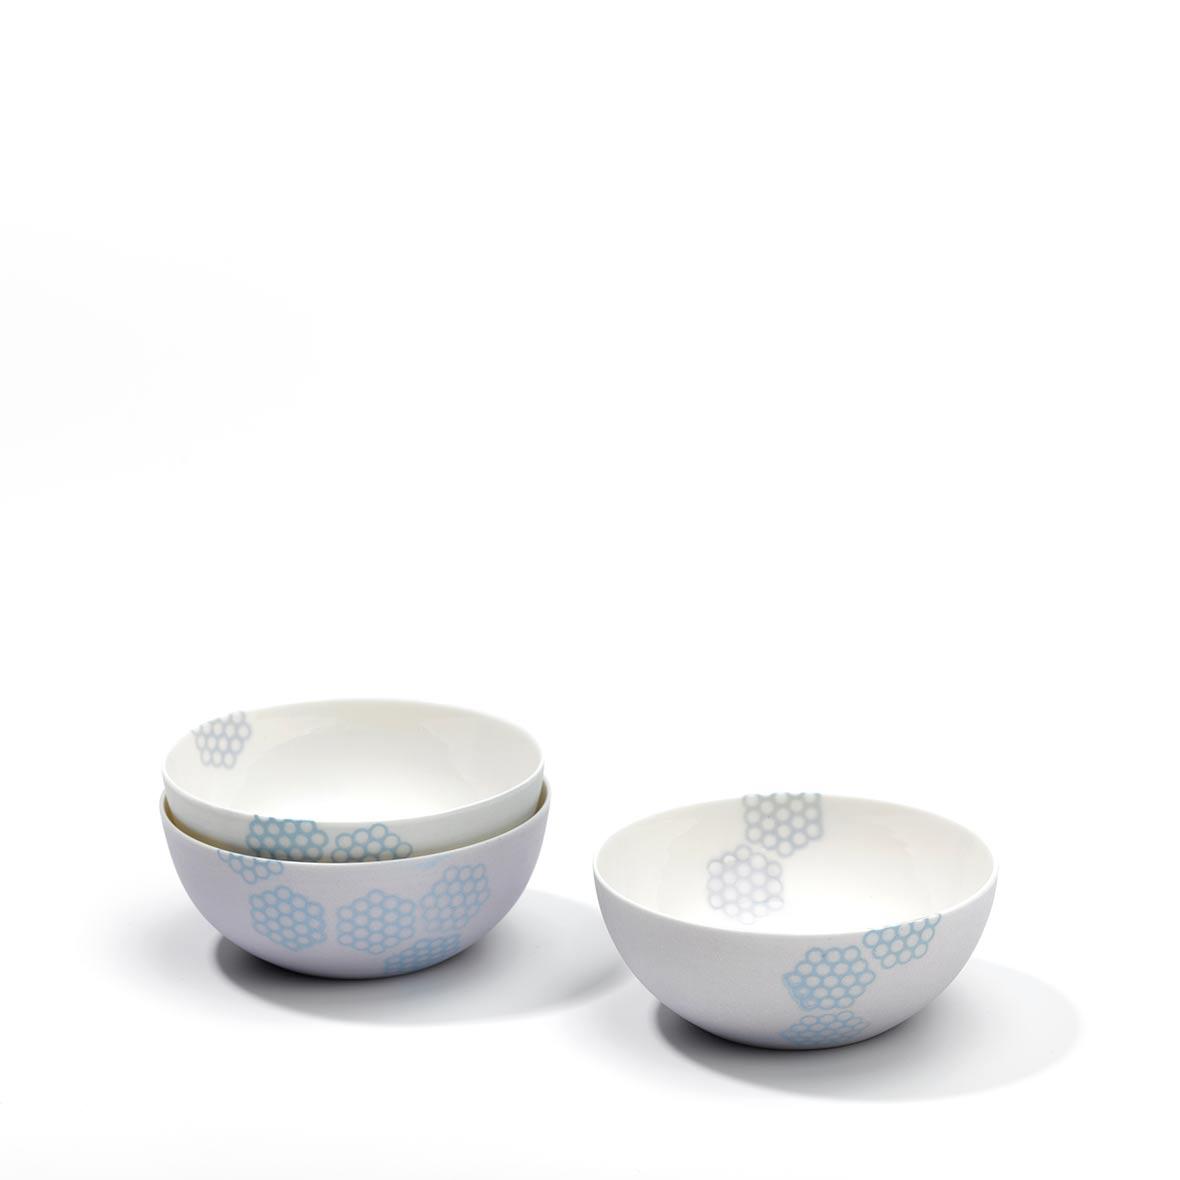 Teeschale - Porzellan - Wabenmuster - hellblau - helllila - grau